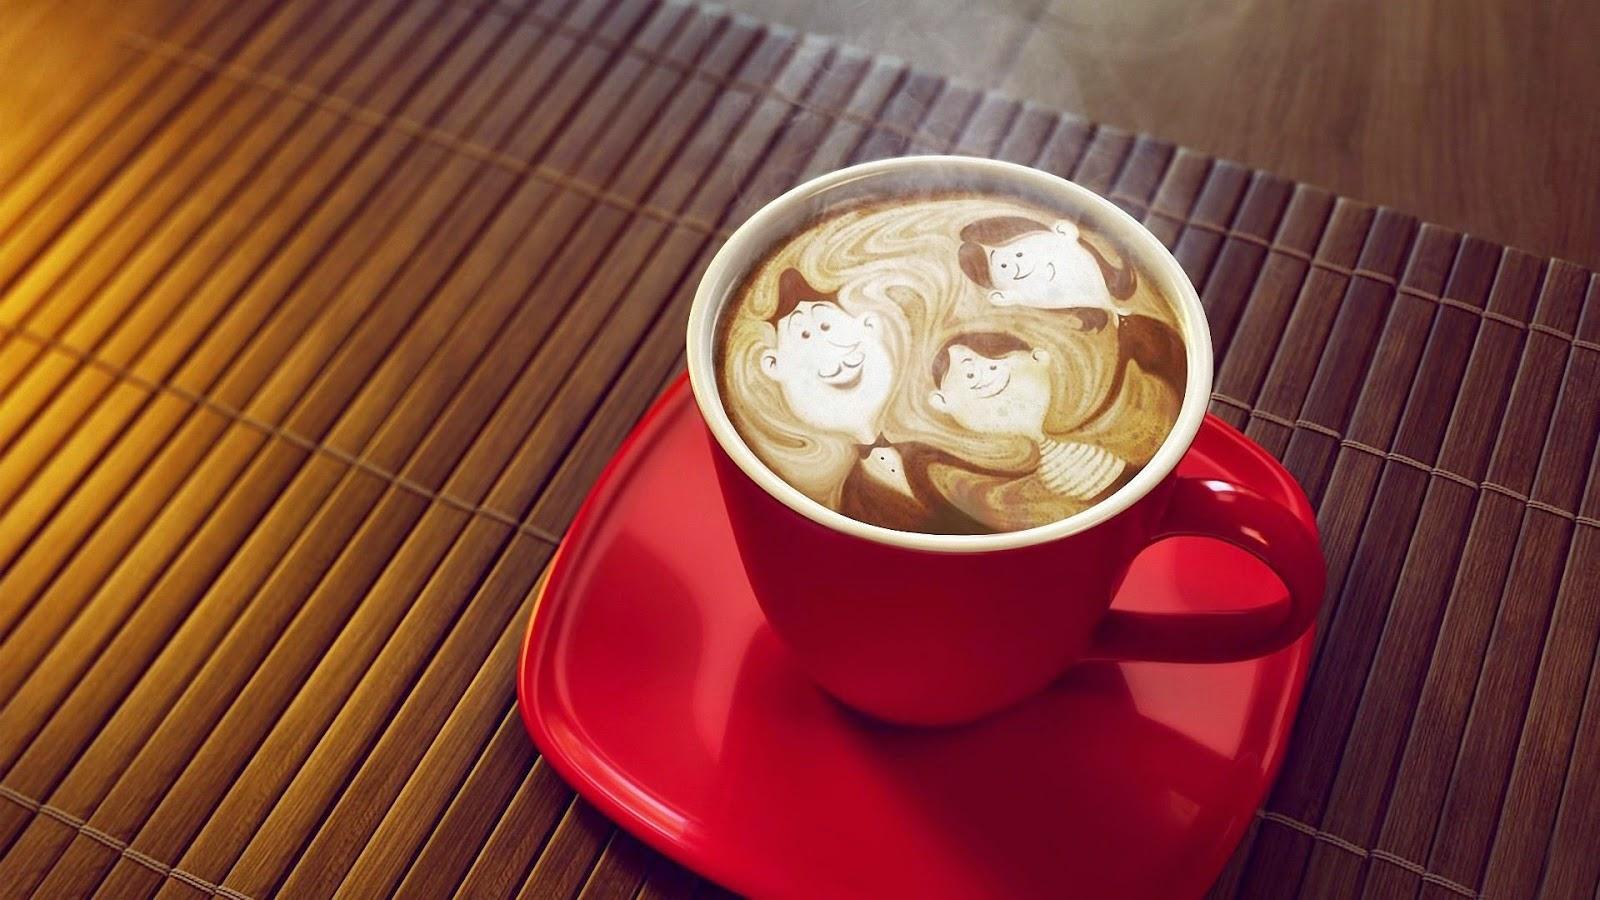 hình ảnh ly cà phê đen